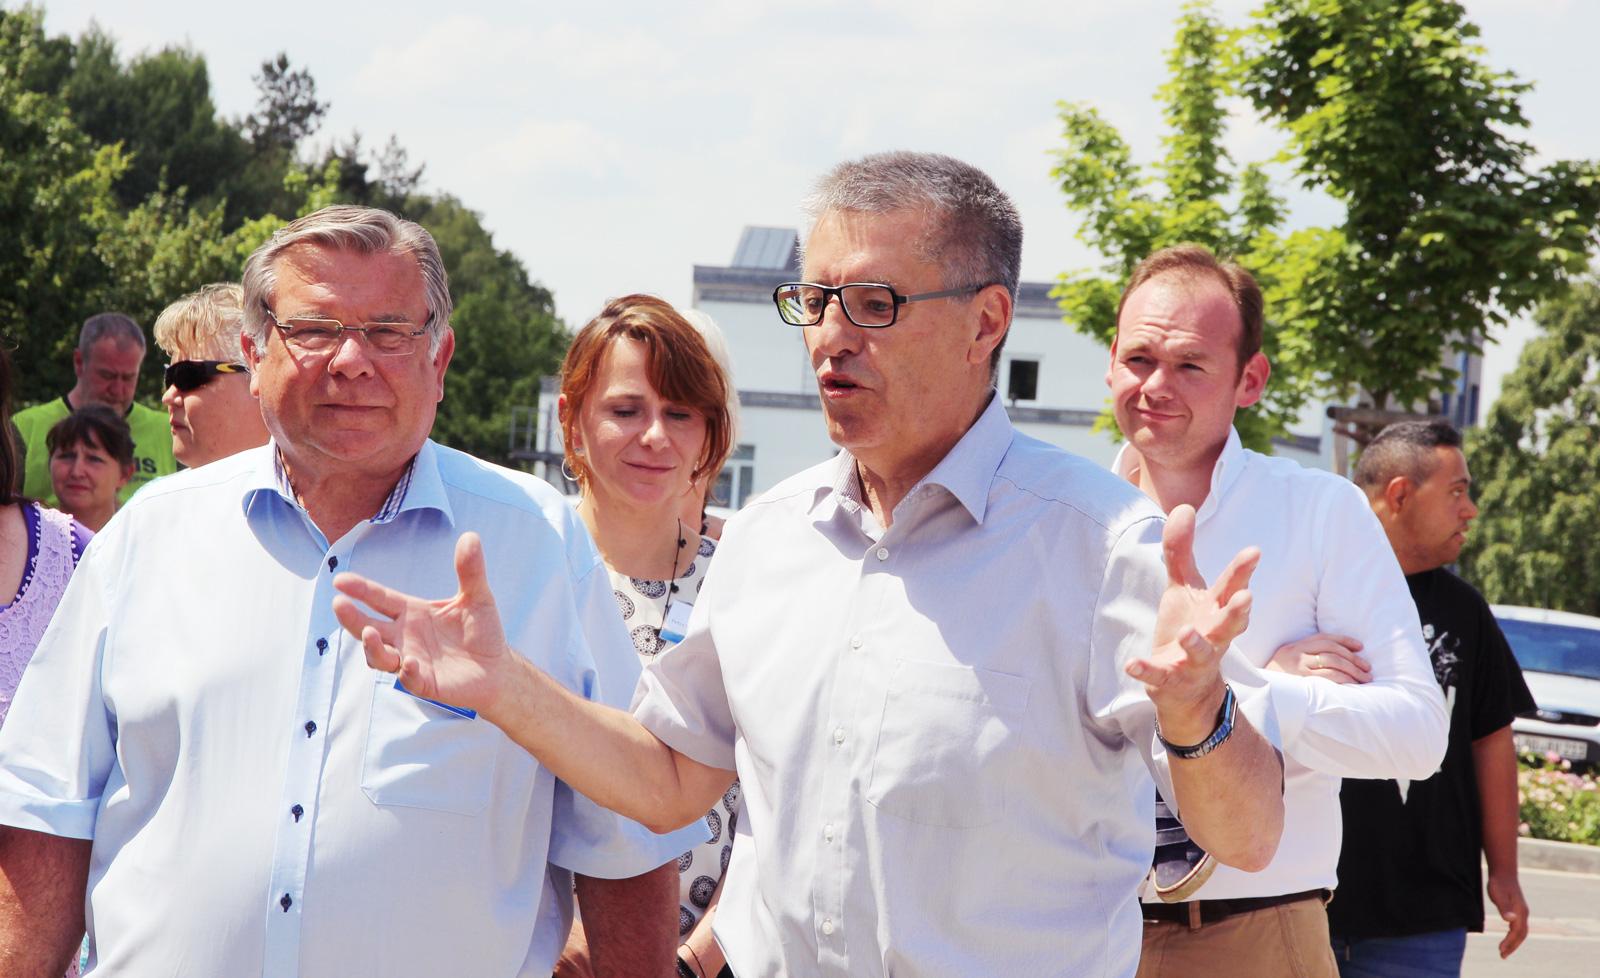 Altdorfs 1. Bürgermeister Erich Odörfer freute sich über den Kneipp-Brunnen für Altdorf.